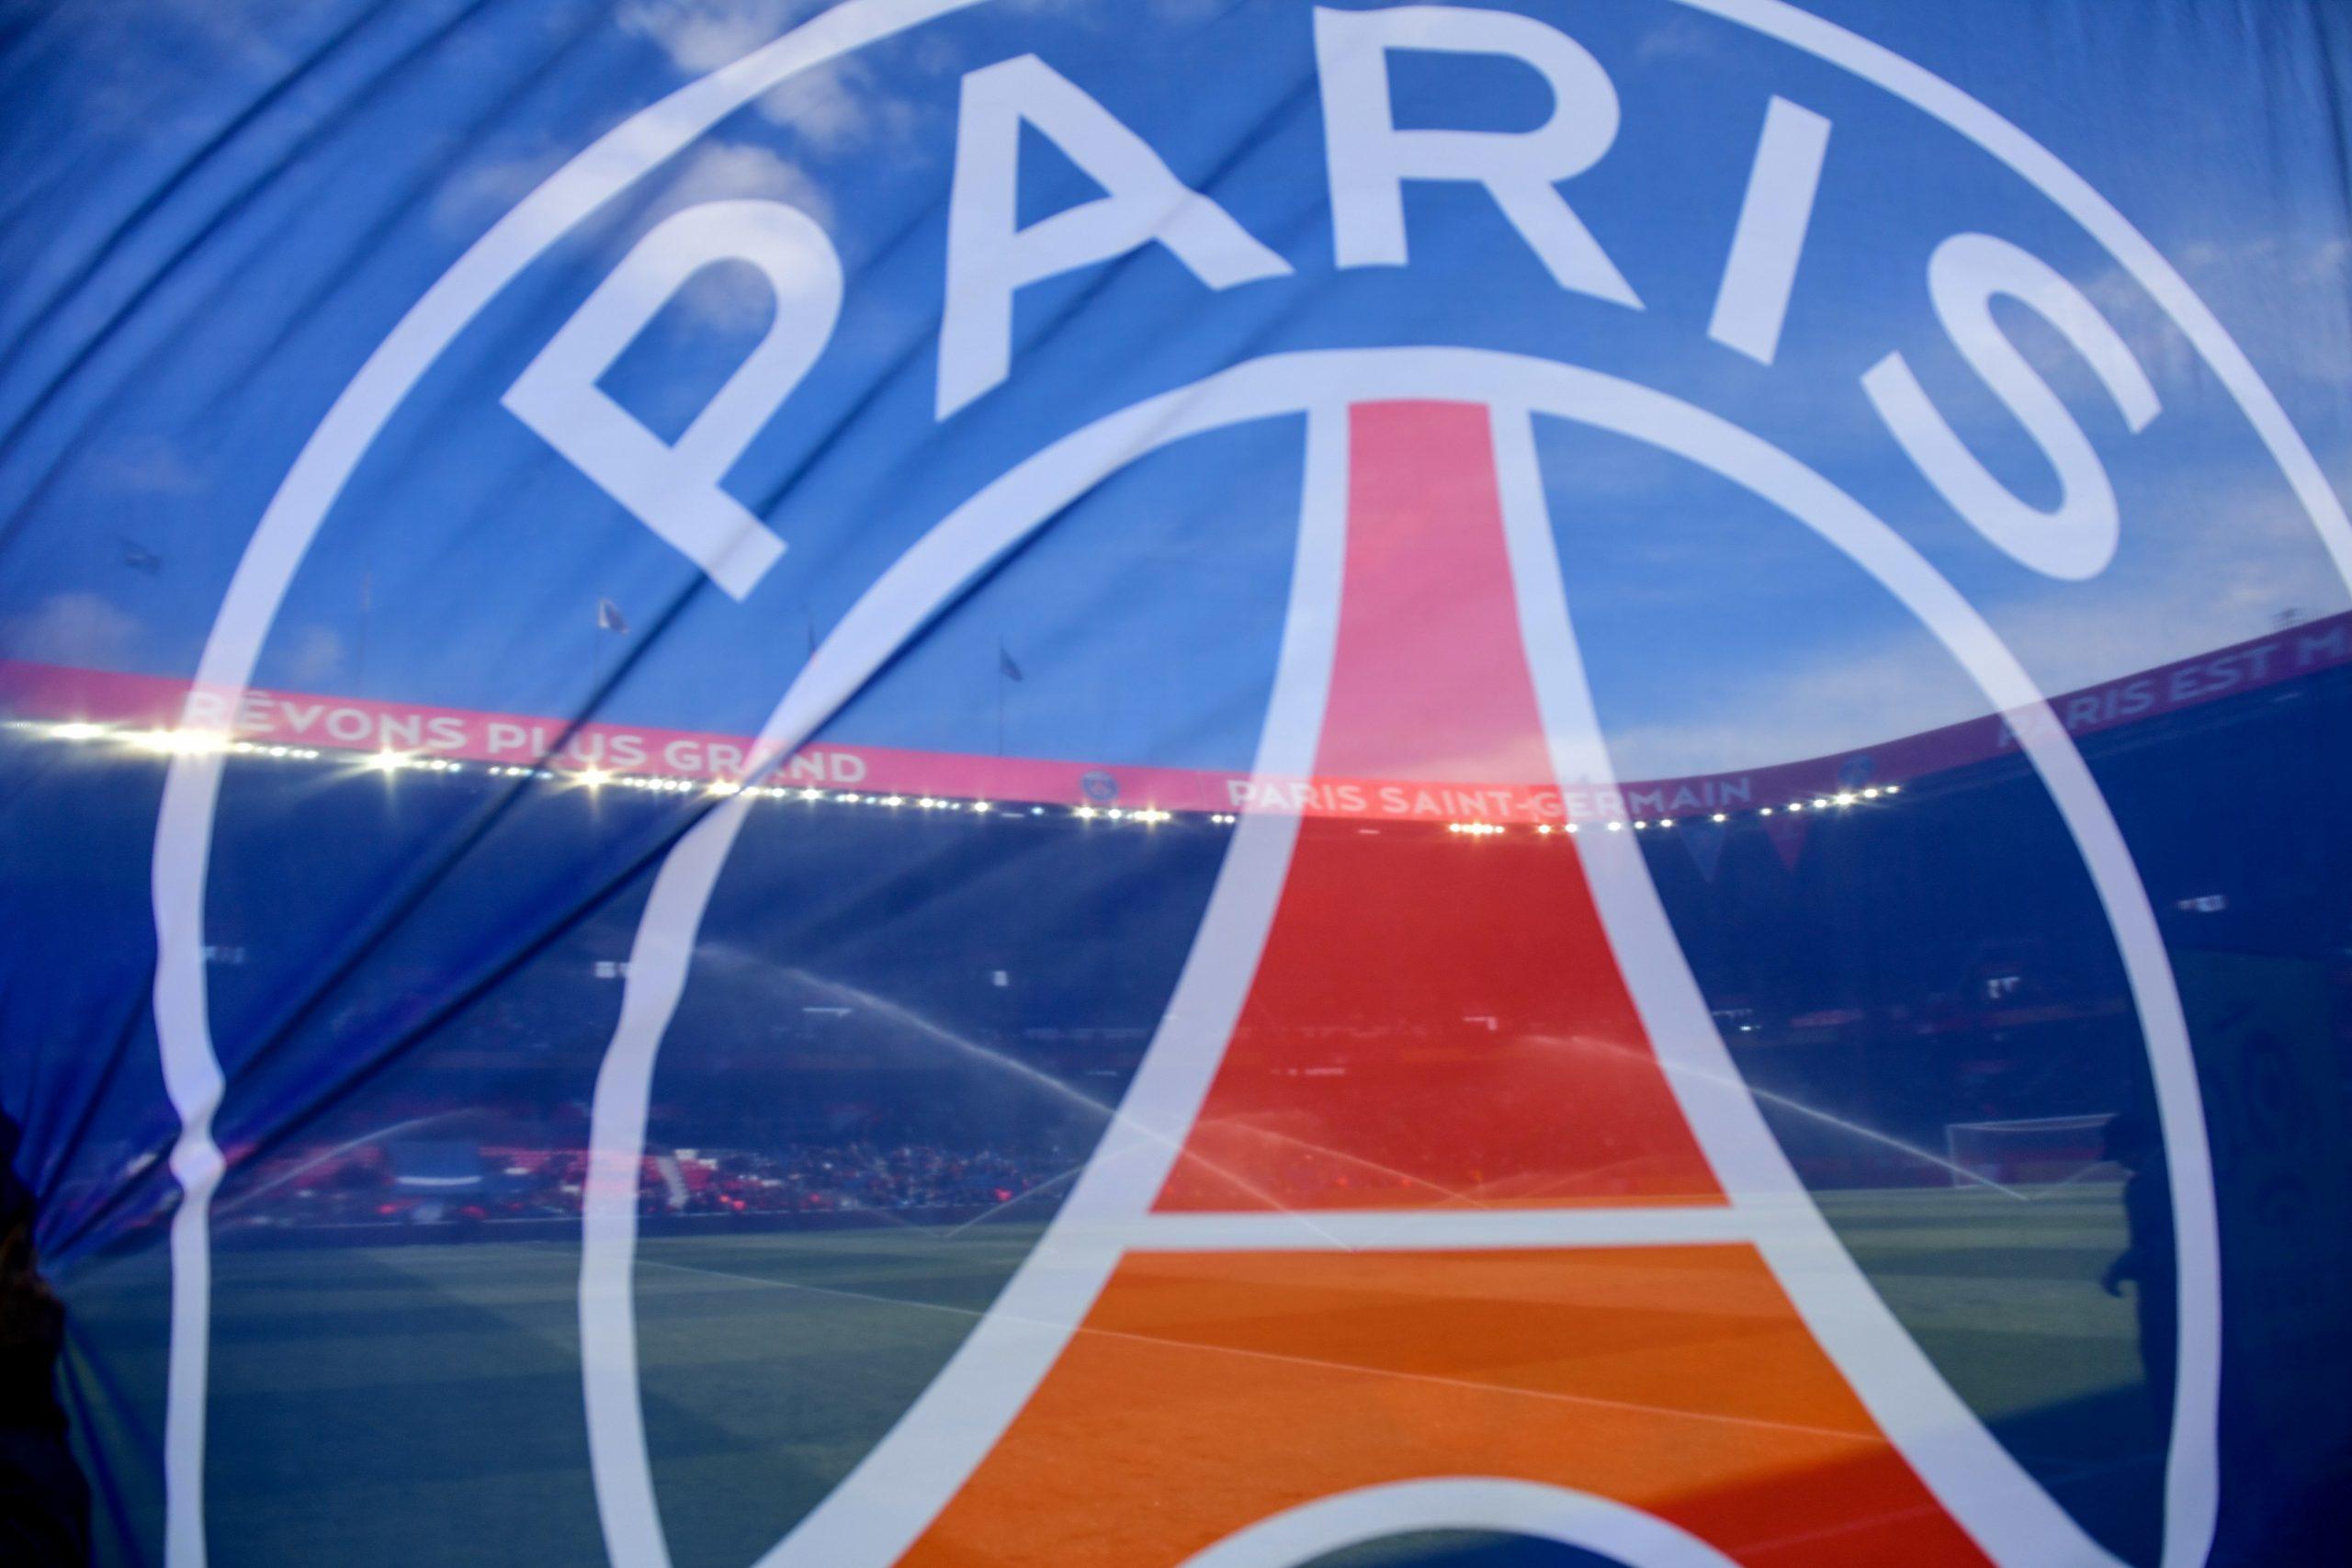 Le PSG parle avec Anderlecht et le Celtic pour organiser des matchs amicaux, selon L'Equipe